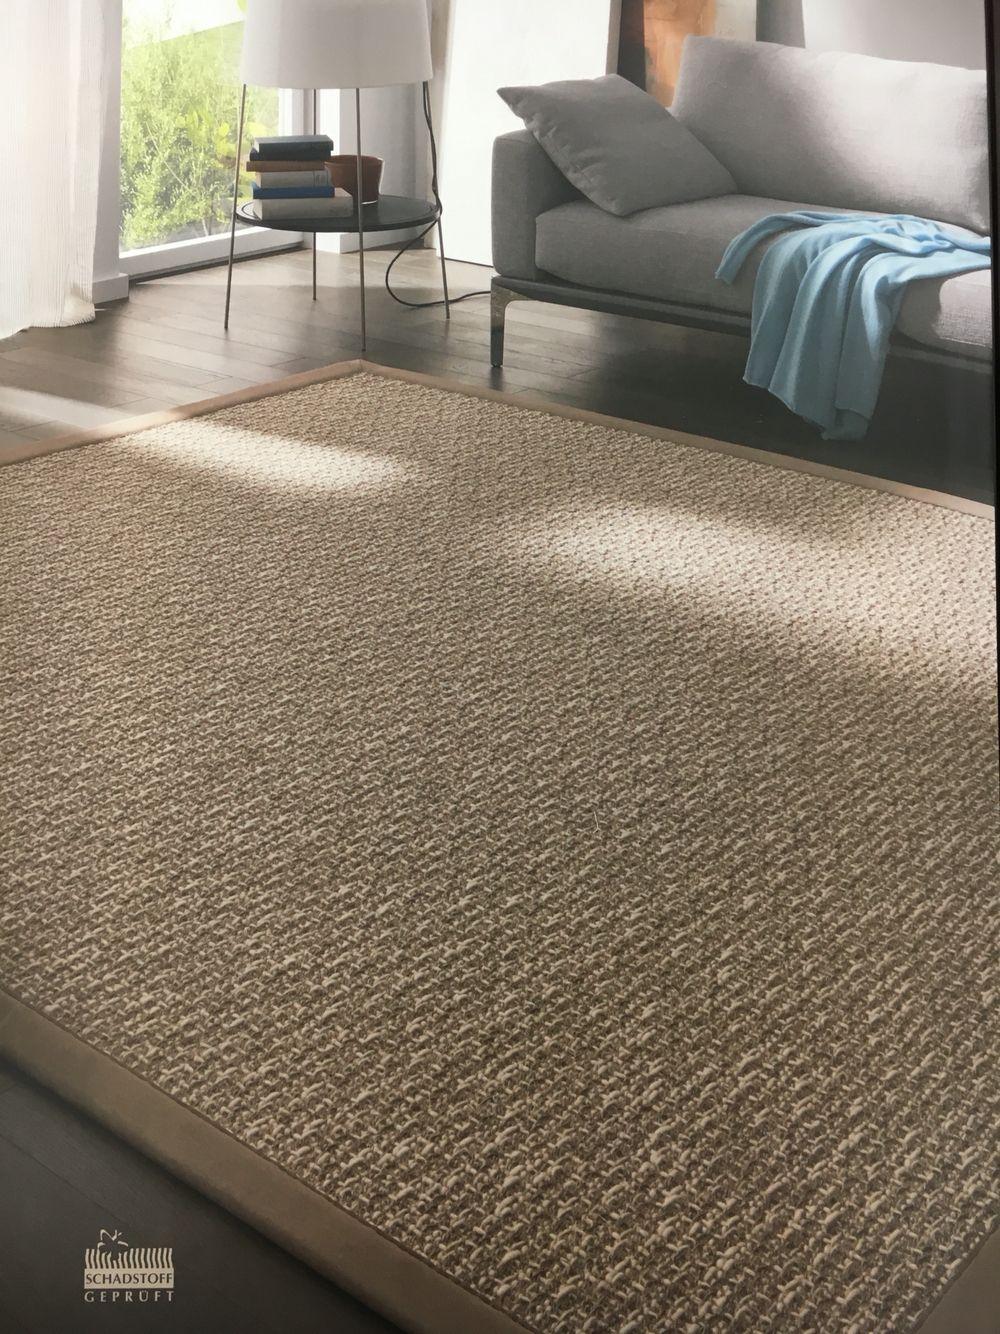 mix and match abgepasster teppich von jab anstoetz aus der neuen kollektion soho gr e frei. Black Bedroom Furniture Sets. Home Design Ideas